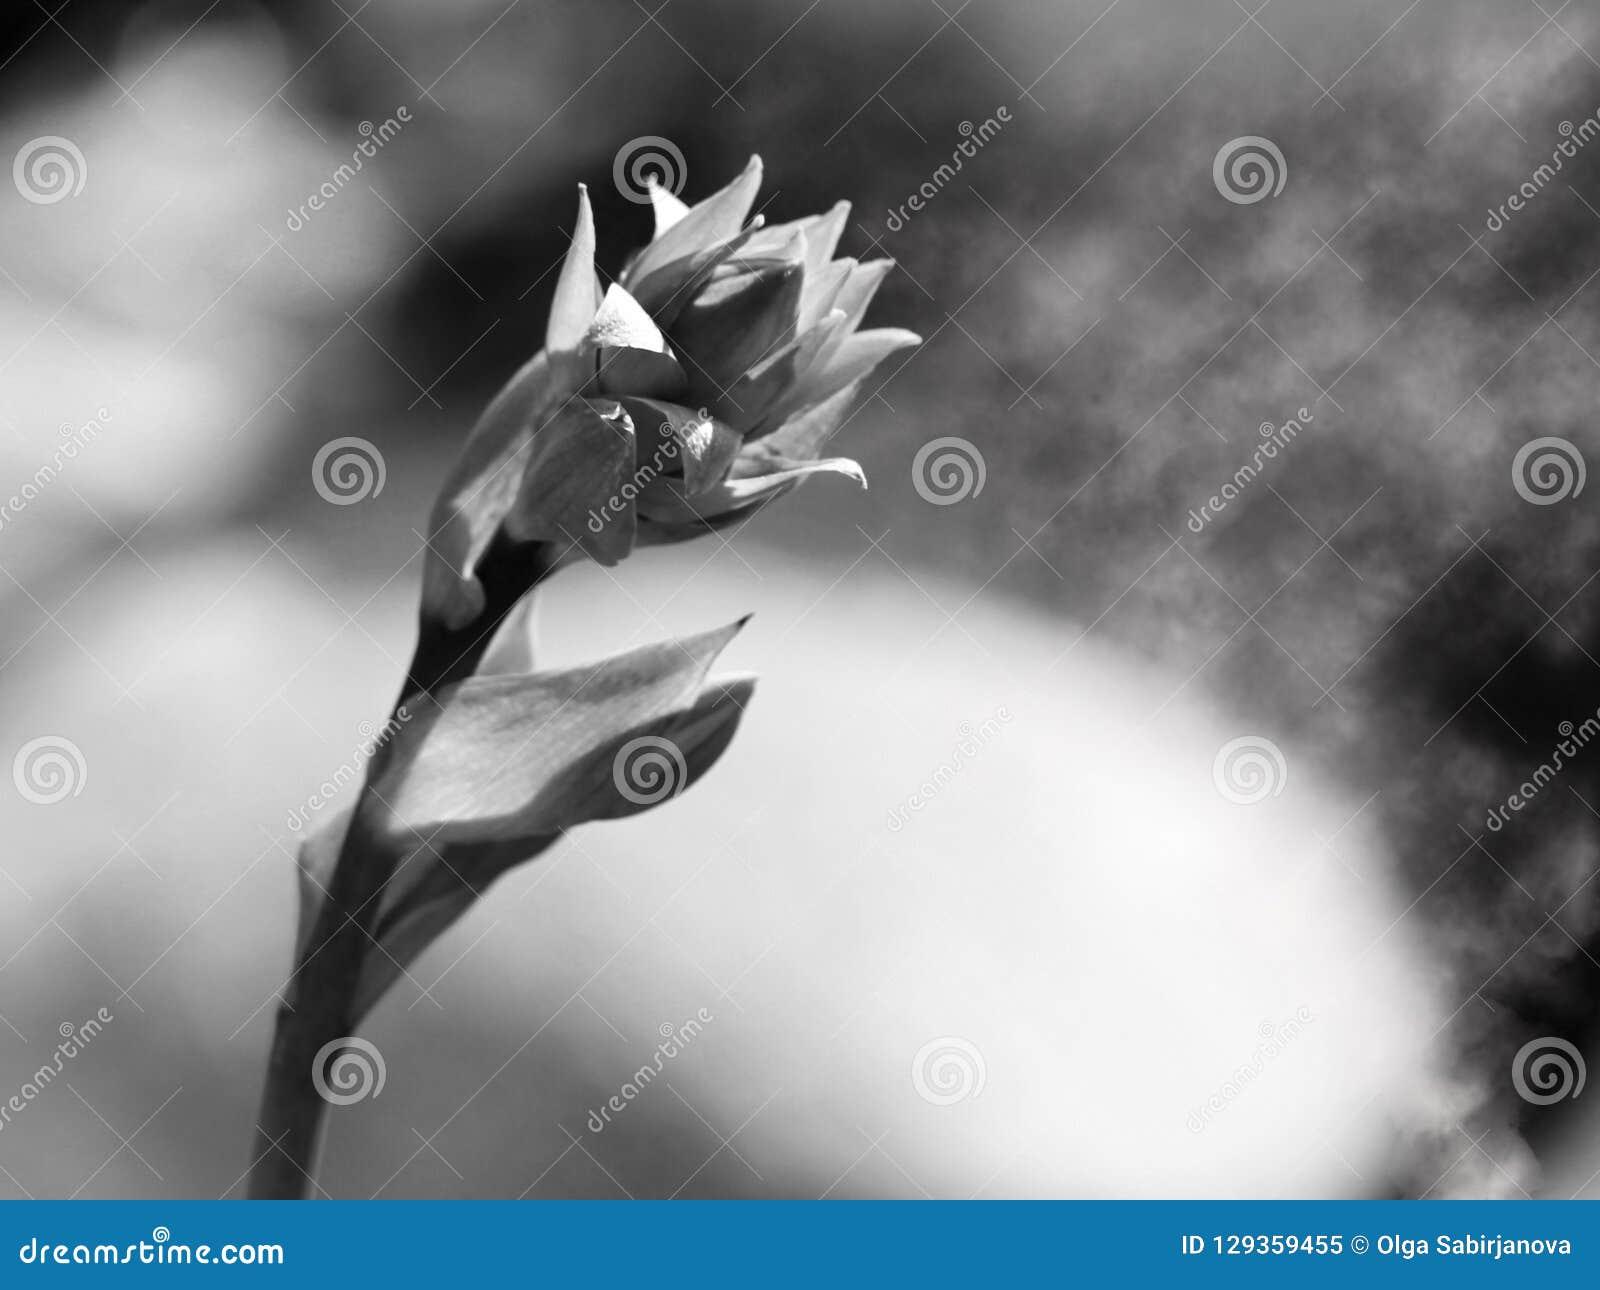 Tristesse Et Solitude Tristesse Et Solitude Noires Et Blanches Image Stock Image Du Solitude Noires 129359455